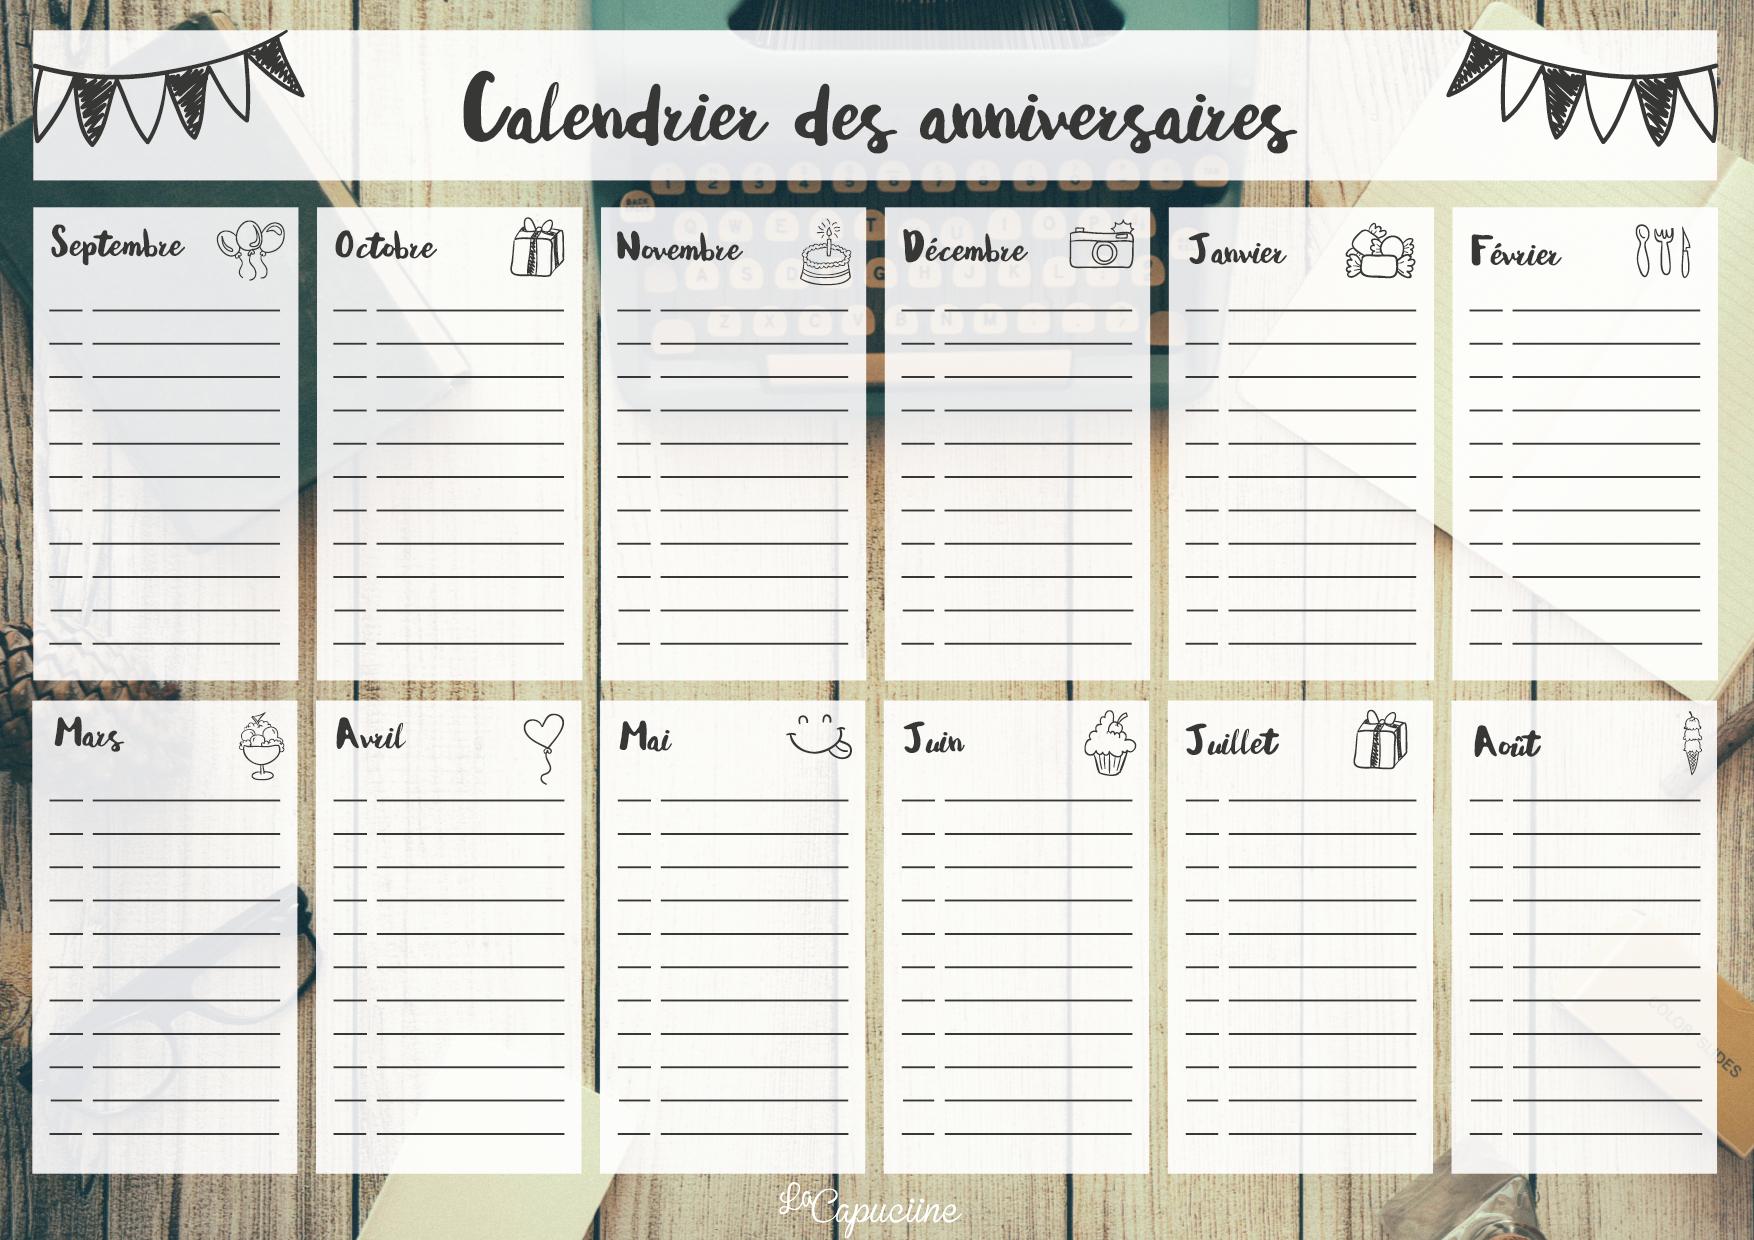 Épinglé Par Julie P Sur Organisation, Planning | Calendrier concernant Calendrier Des Anniversaires À Imprimer Gratuit